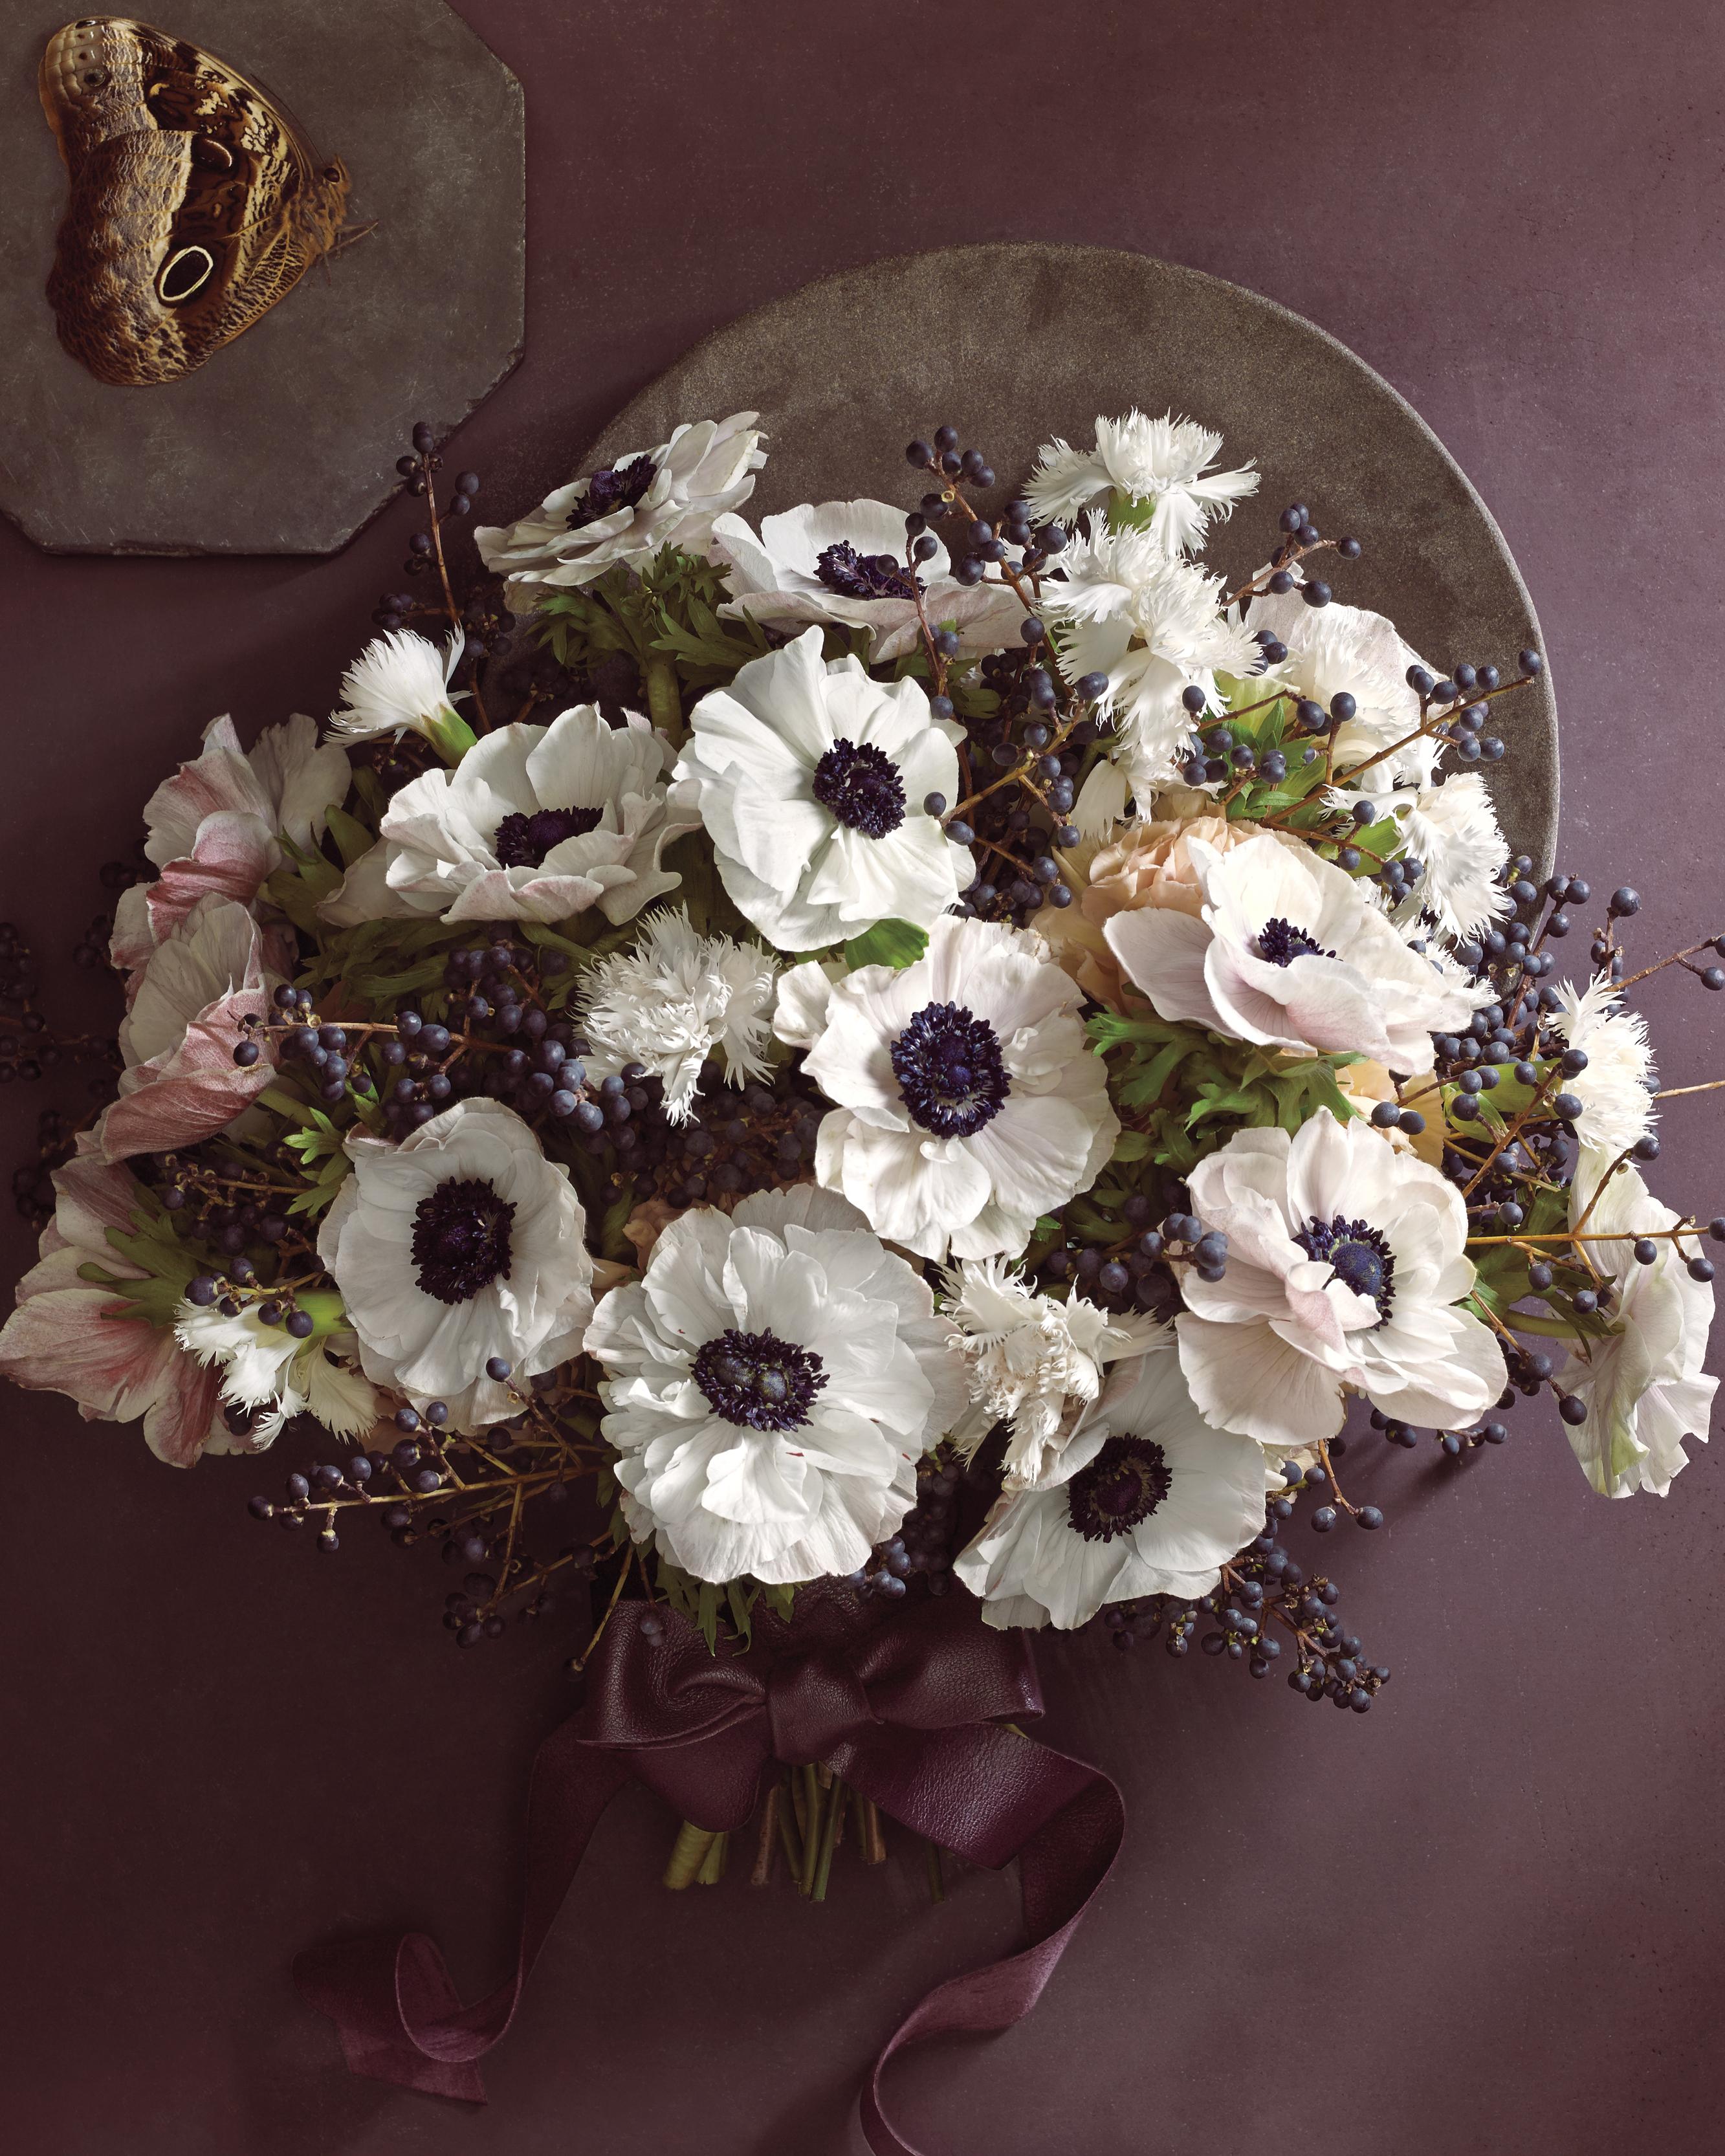 fall-2-bouquet-flowers-45461-d111785.jpg